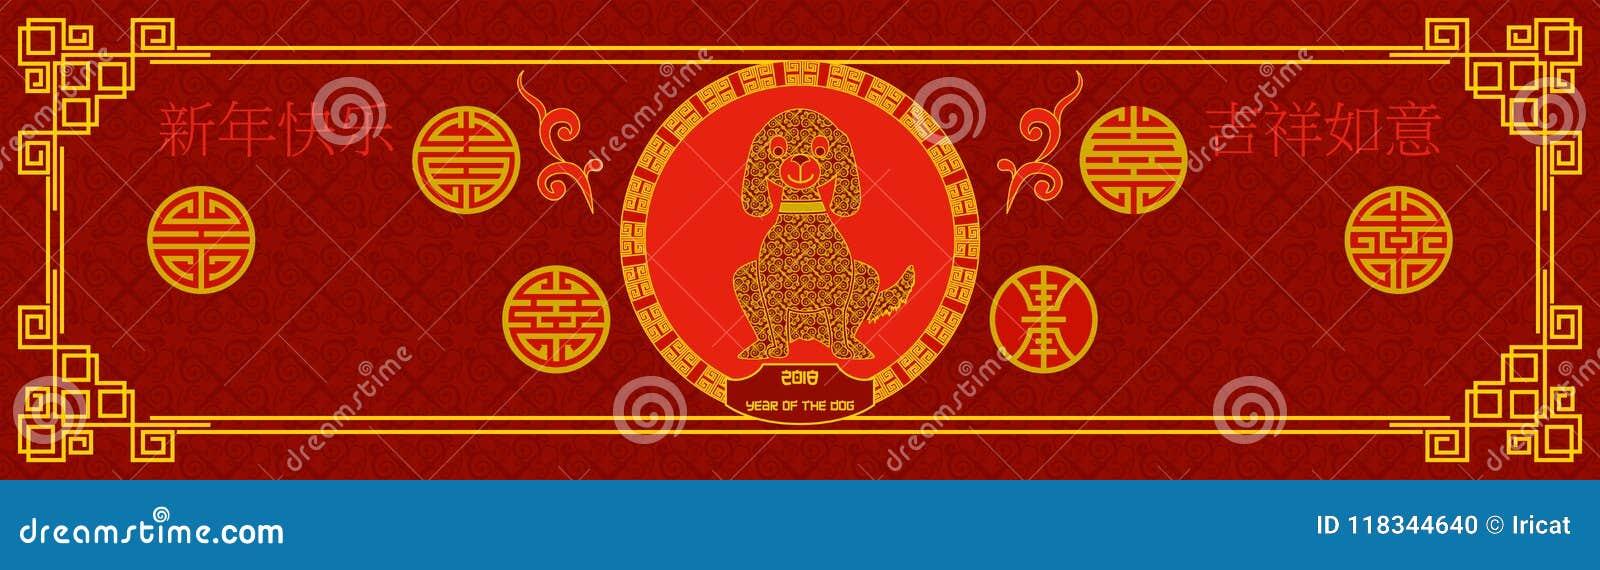 Horizontale Fahne 2018 Chinesischen Neujahrsfests Goldhund Auf Rot ...